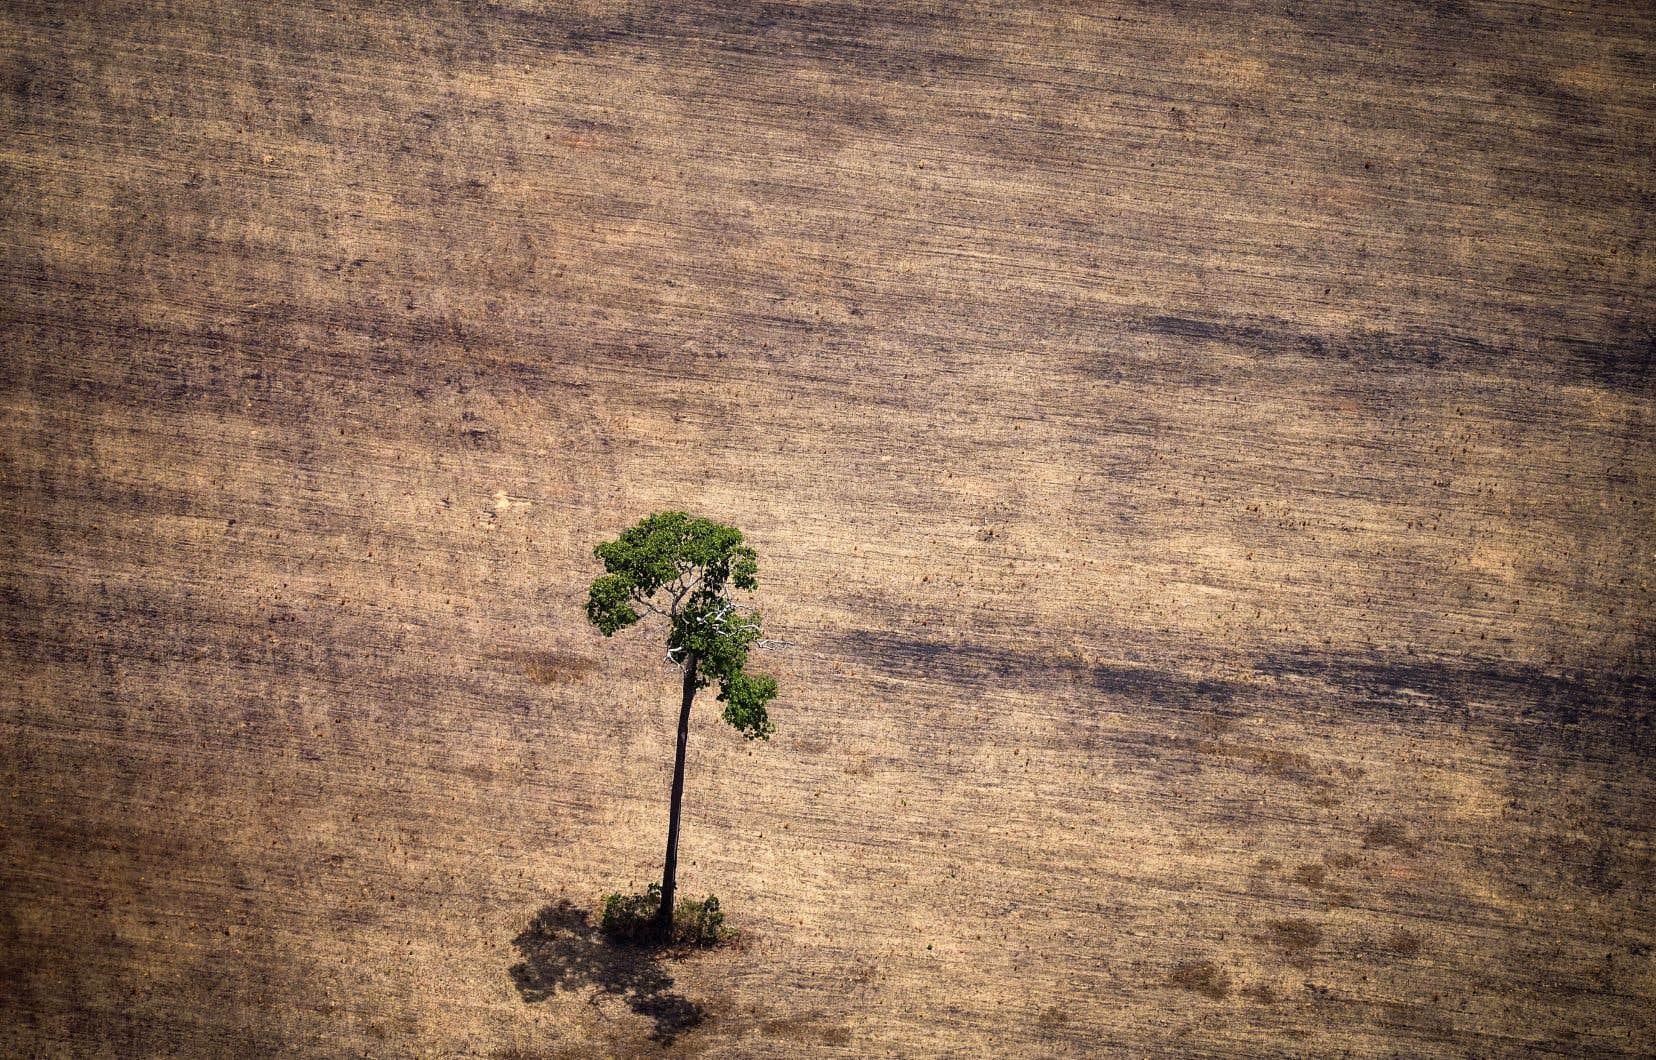 Au cours des deux dernières années, plus de 8000km2 de la forêt amazonienne ont disparu chaque année, en raison des coupes illégales et de l'expansion de l'agriculture.